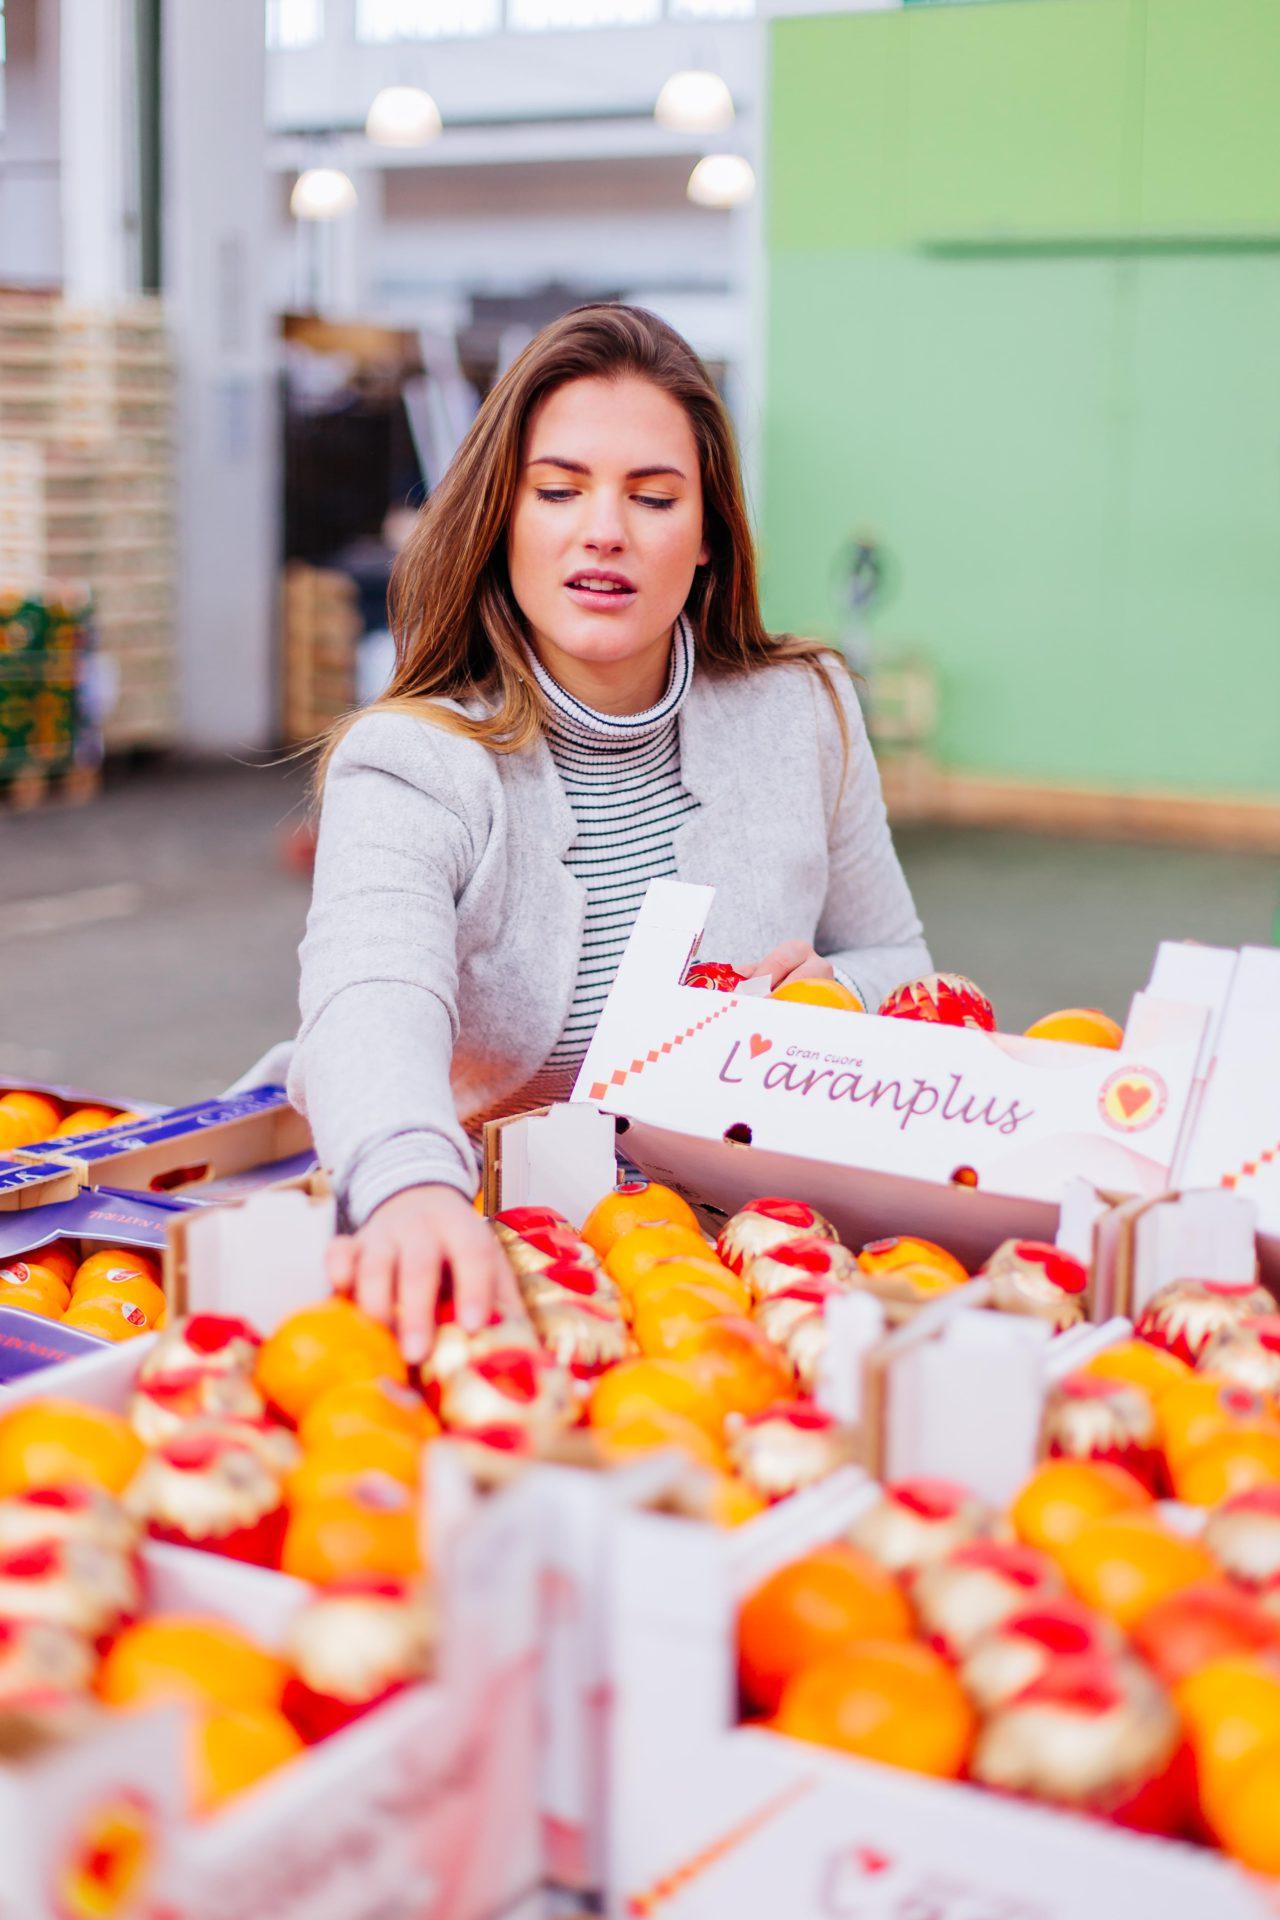 Frau beim Mandarinen einkaufen